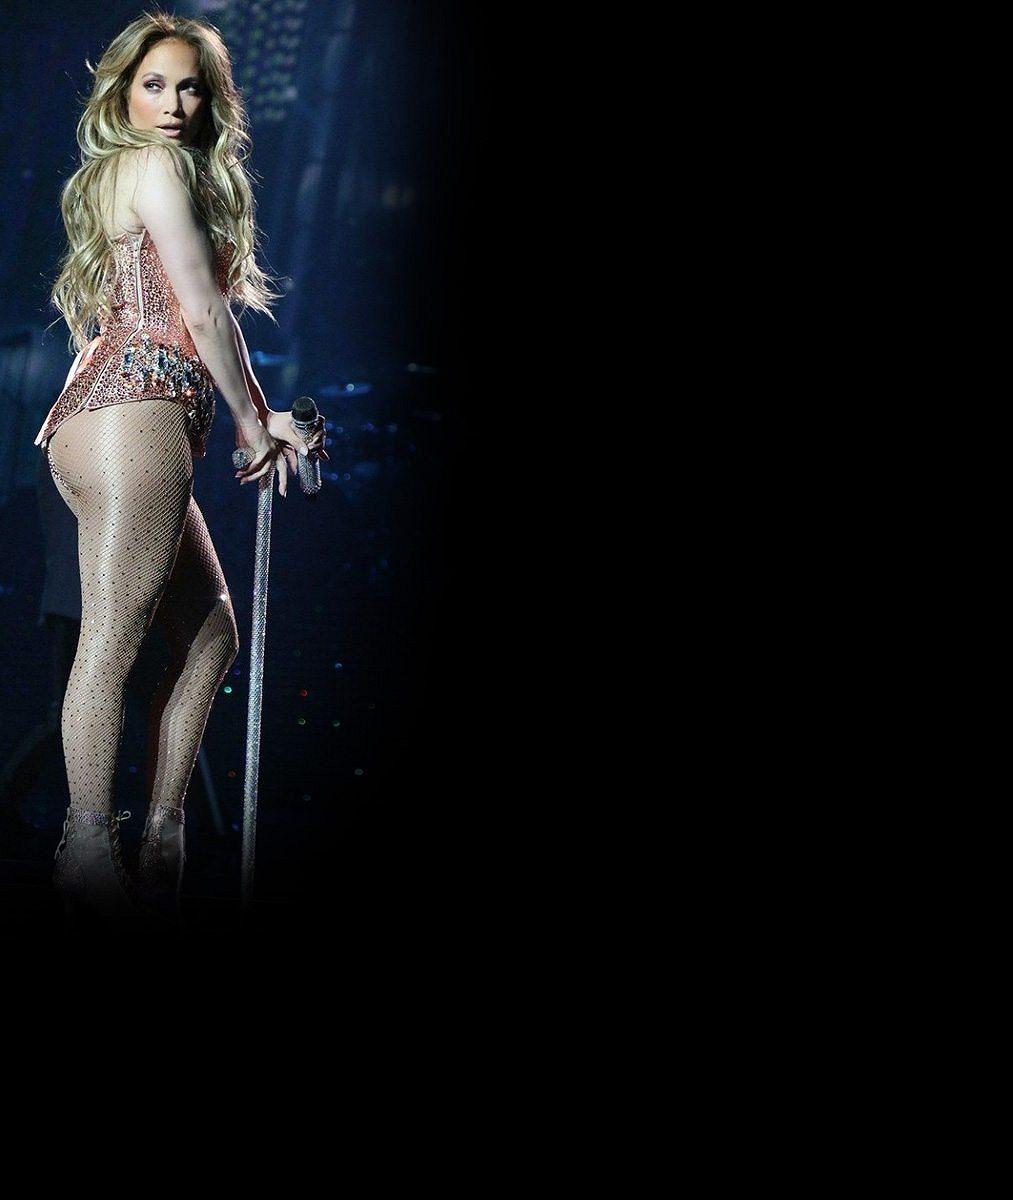 Bohyně přece nestárnou: Jennifer Lopez (48) okouzluje svým miliónovým zadečkem stejně jako před 20 lety